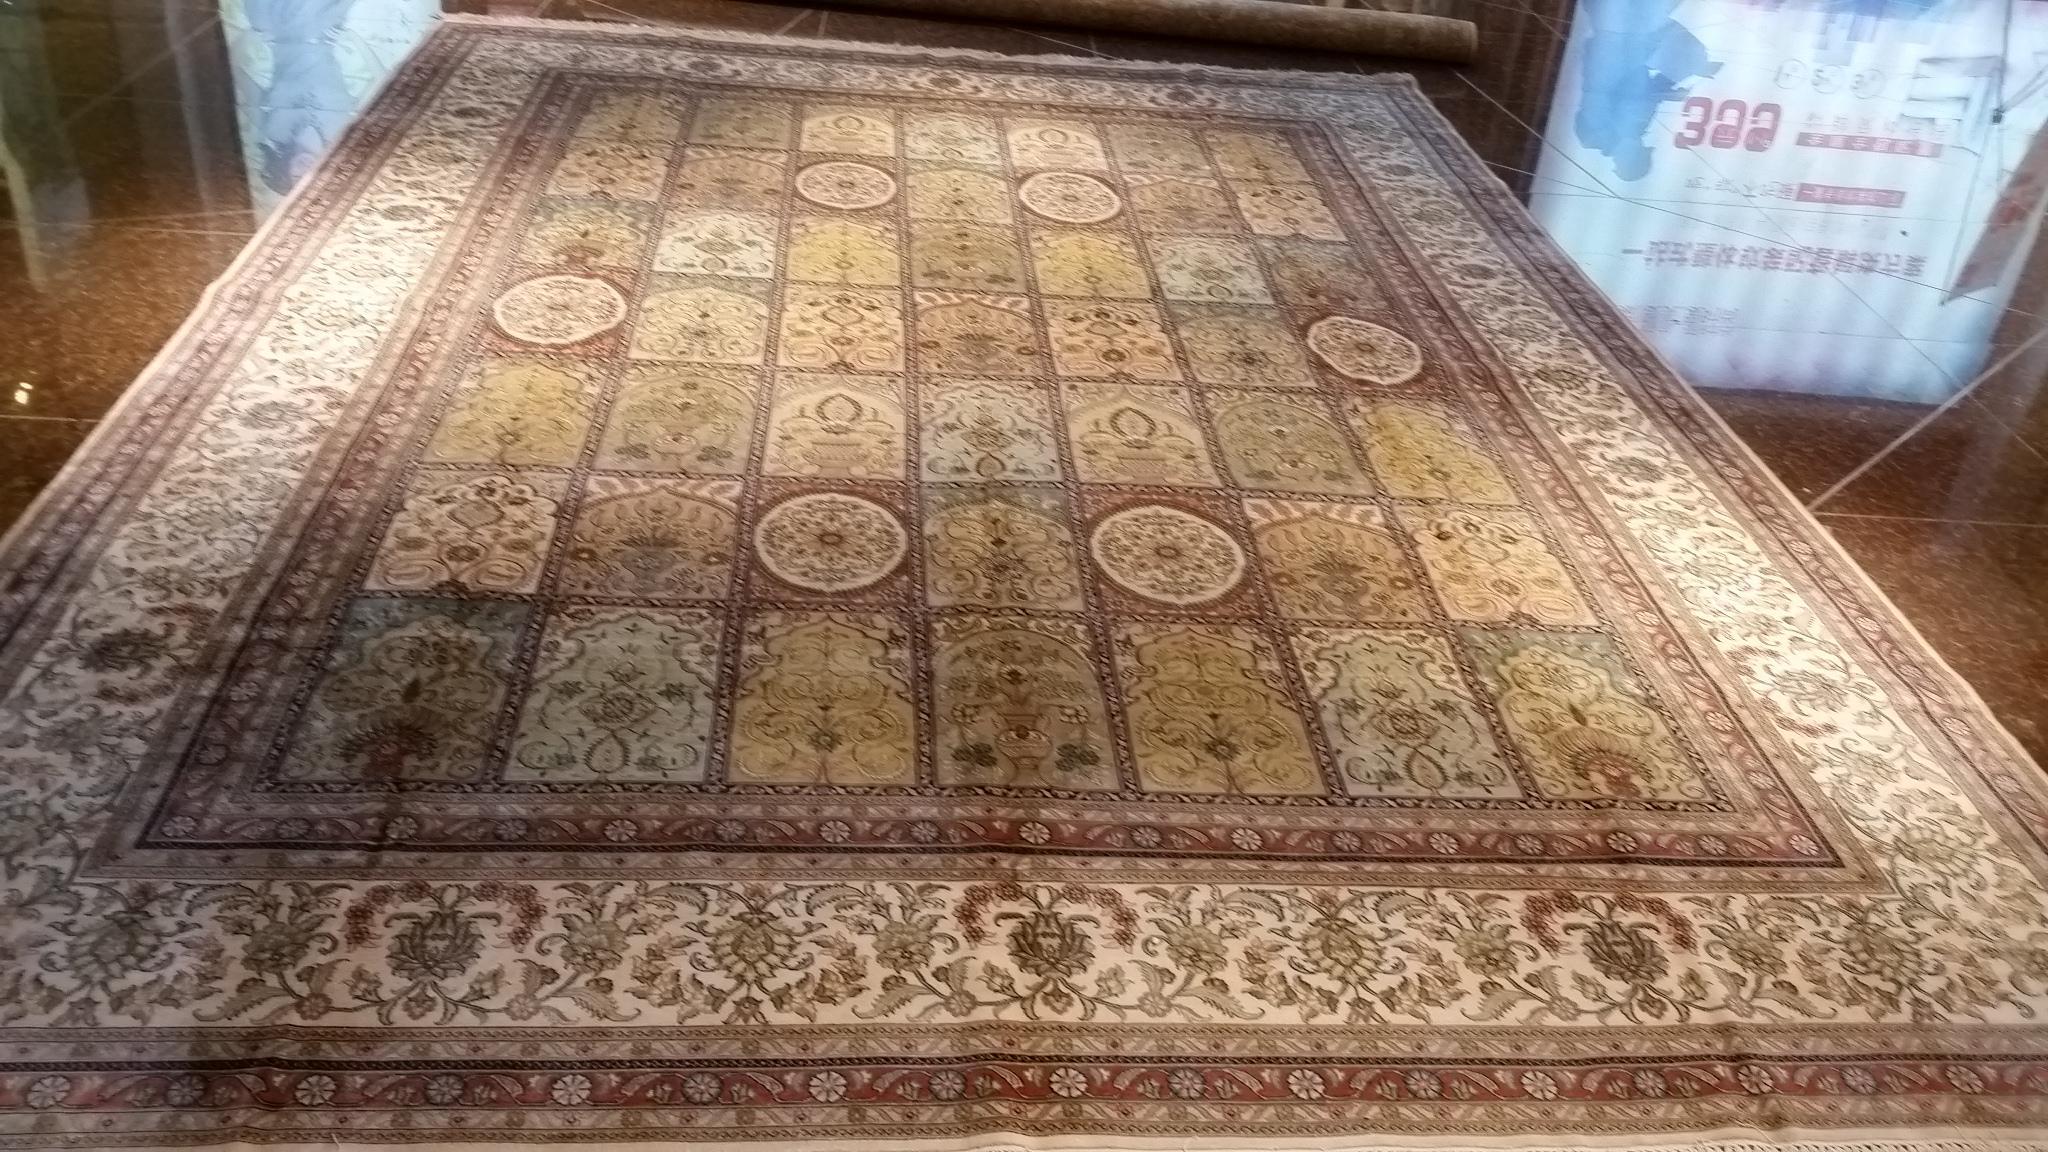 让您爱上亚美地毯,亚美艺术挂毯名扬四方! 1